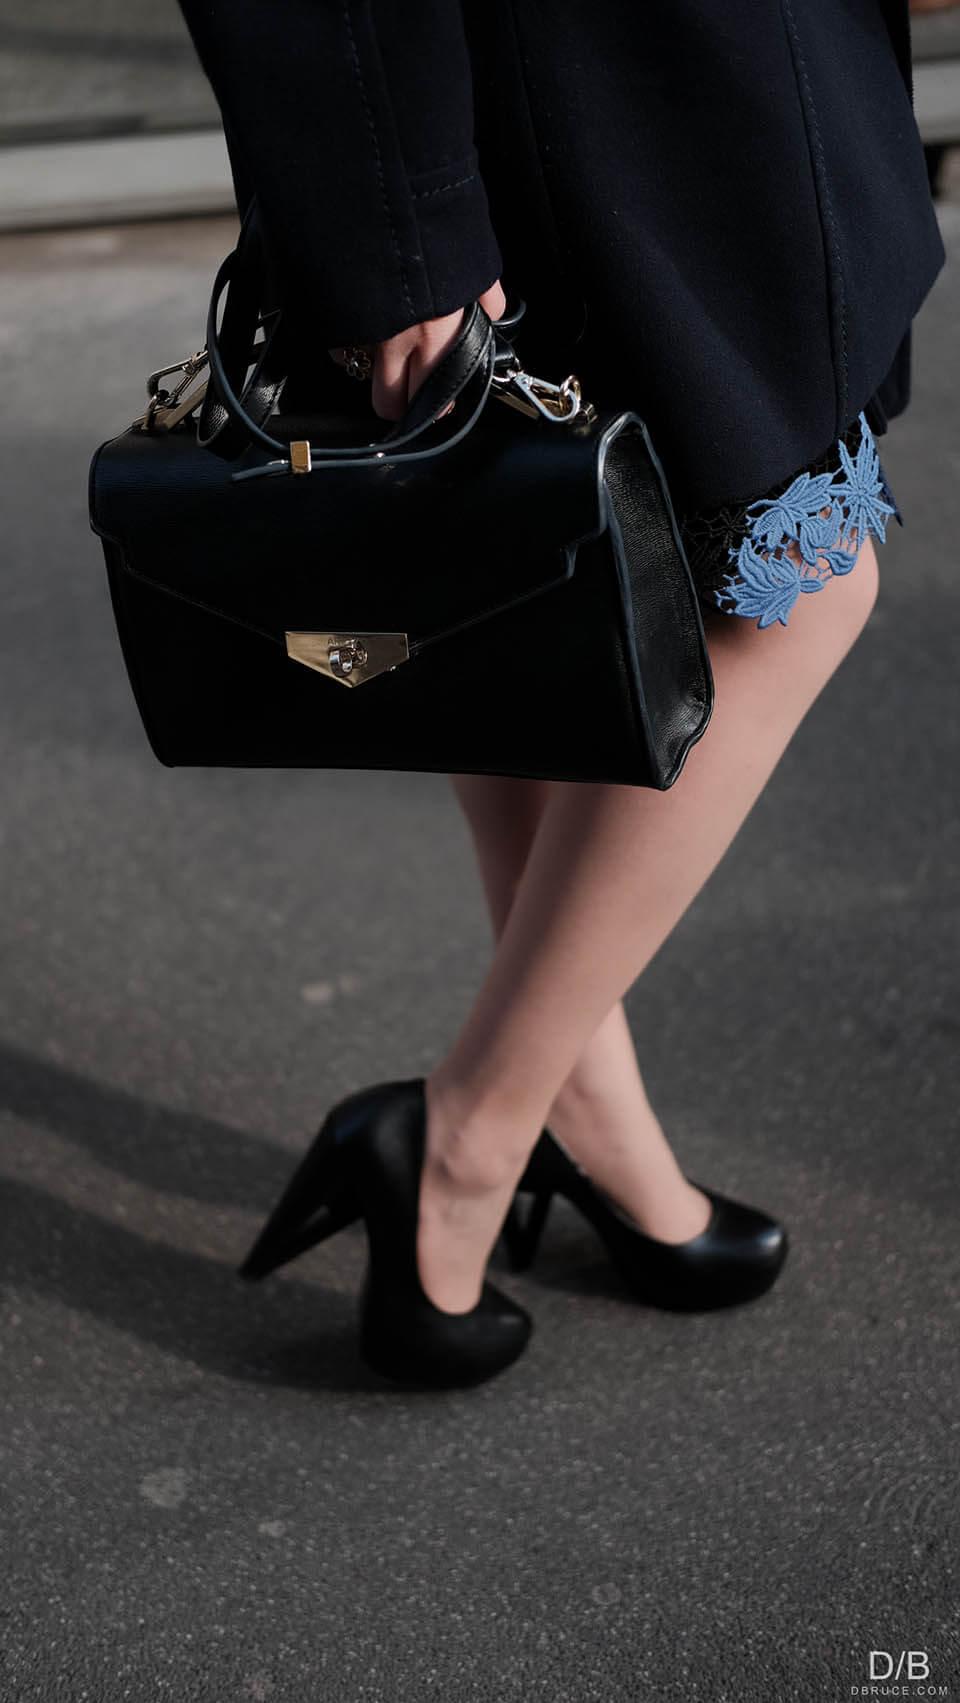 Detalhes: sapato e bolsa preta